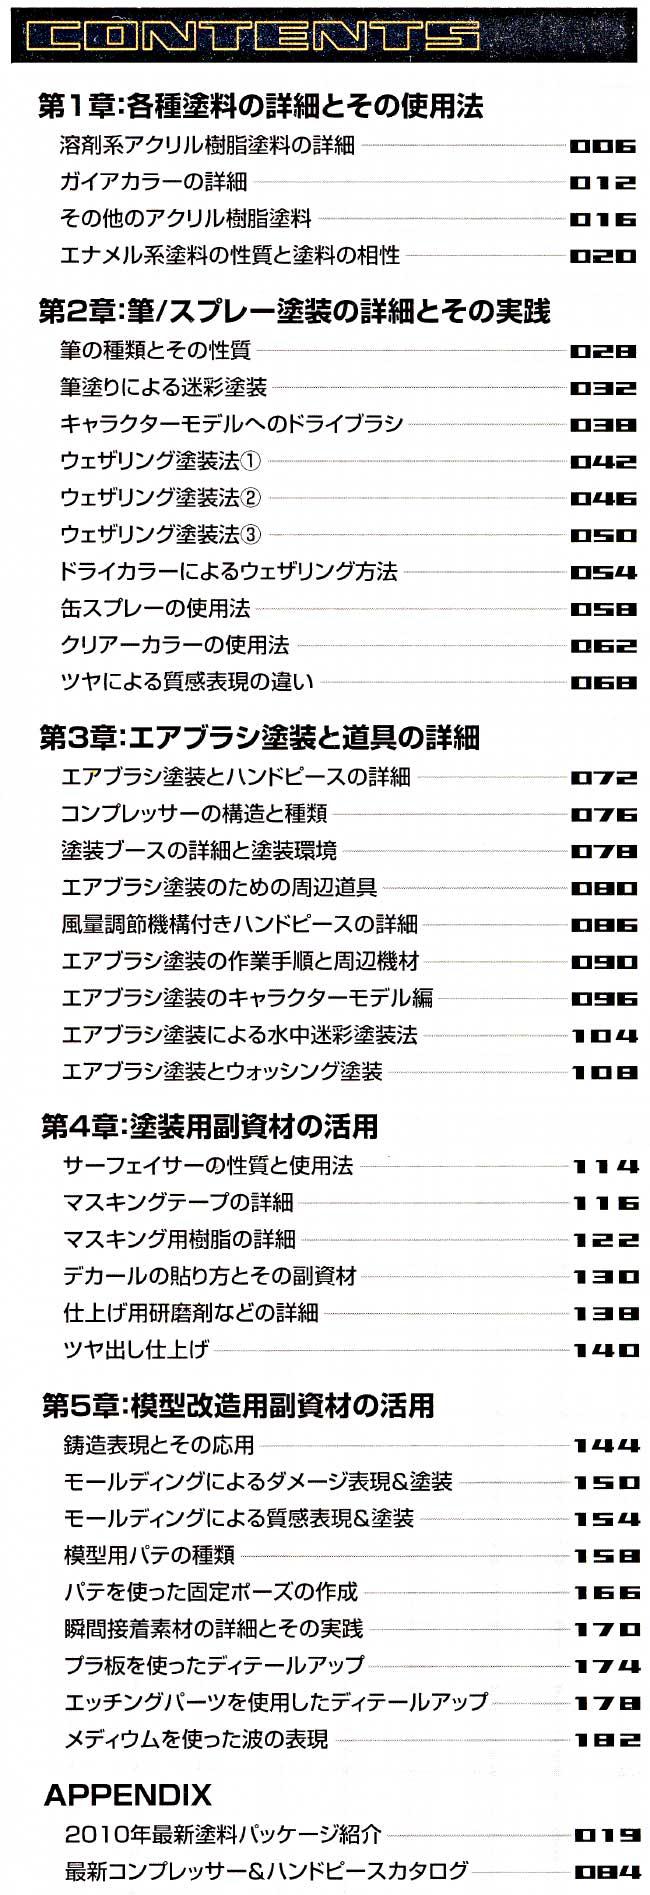 カンペキ塗装ガイド DX本(アスキー・メディアワークス電撃ホビーマガジン HOW TO シリーズNo.868877-2)商品画像_1